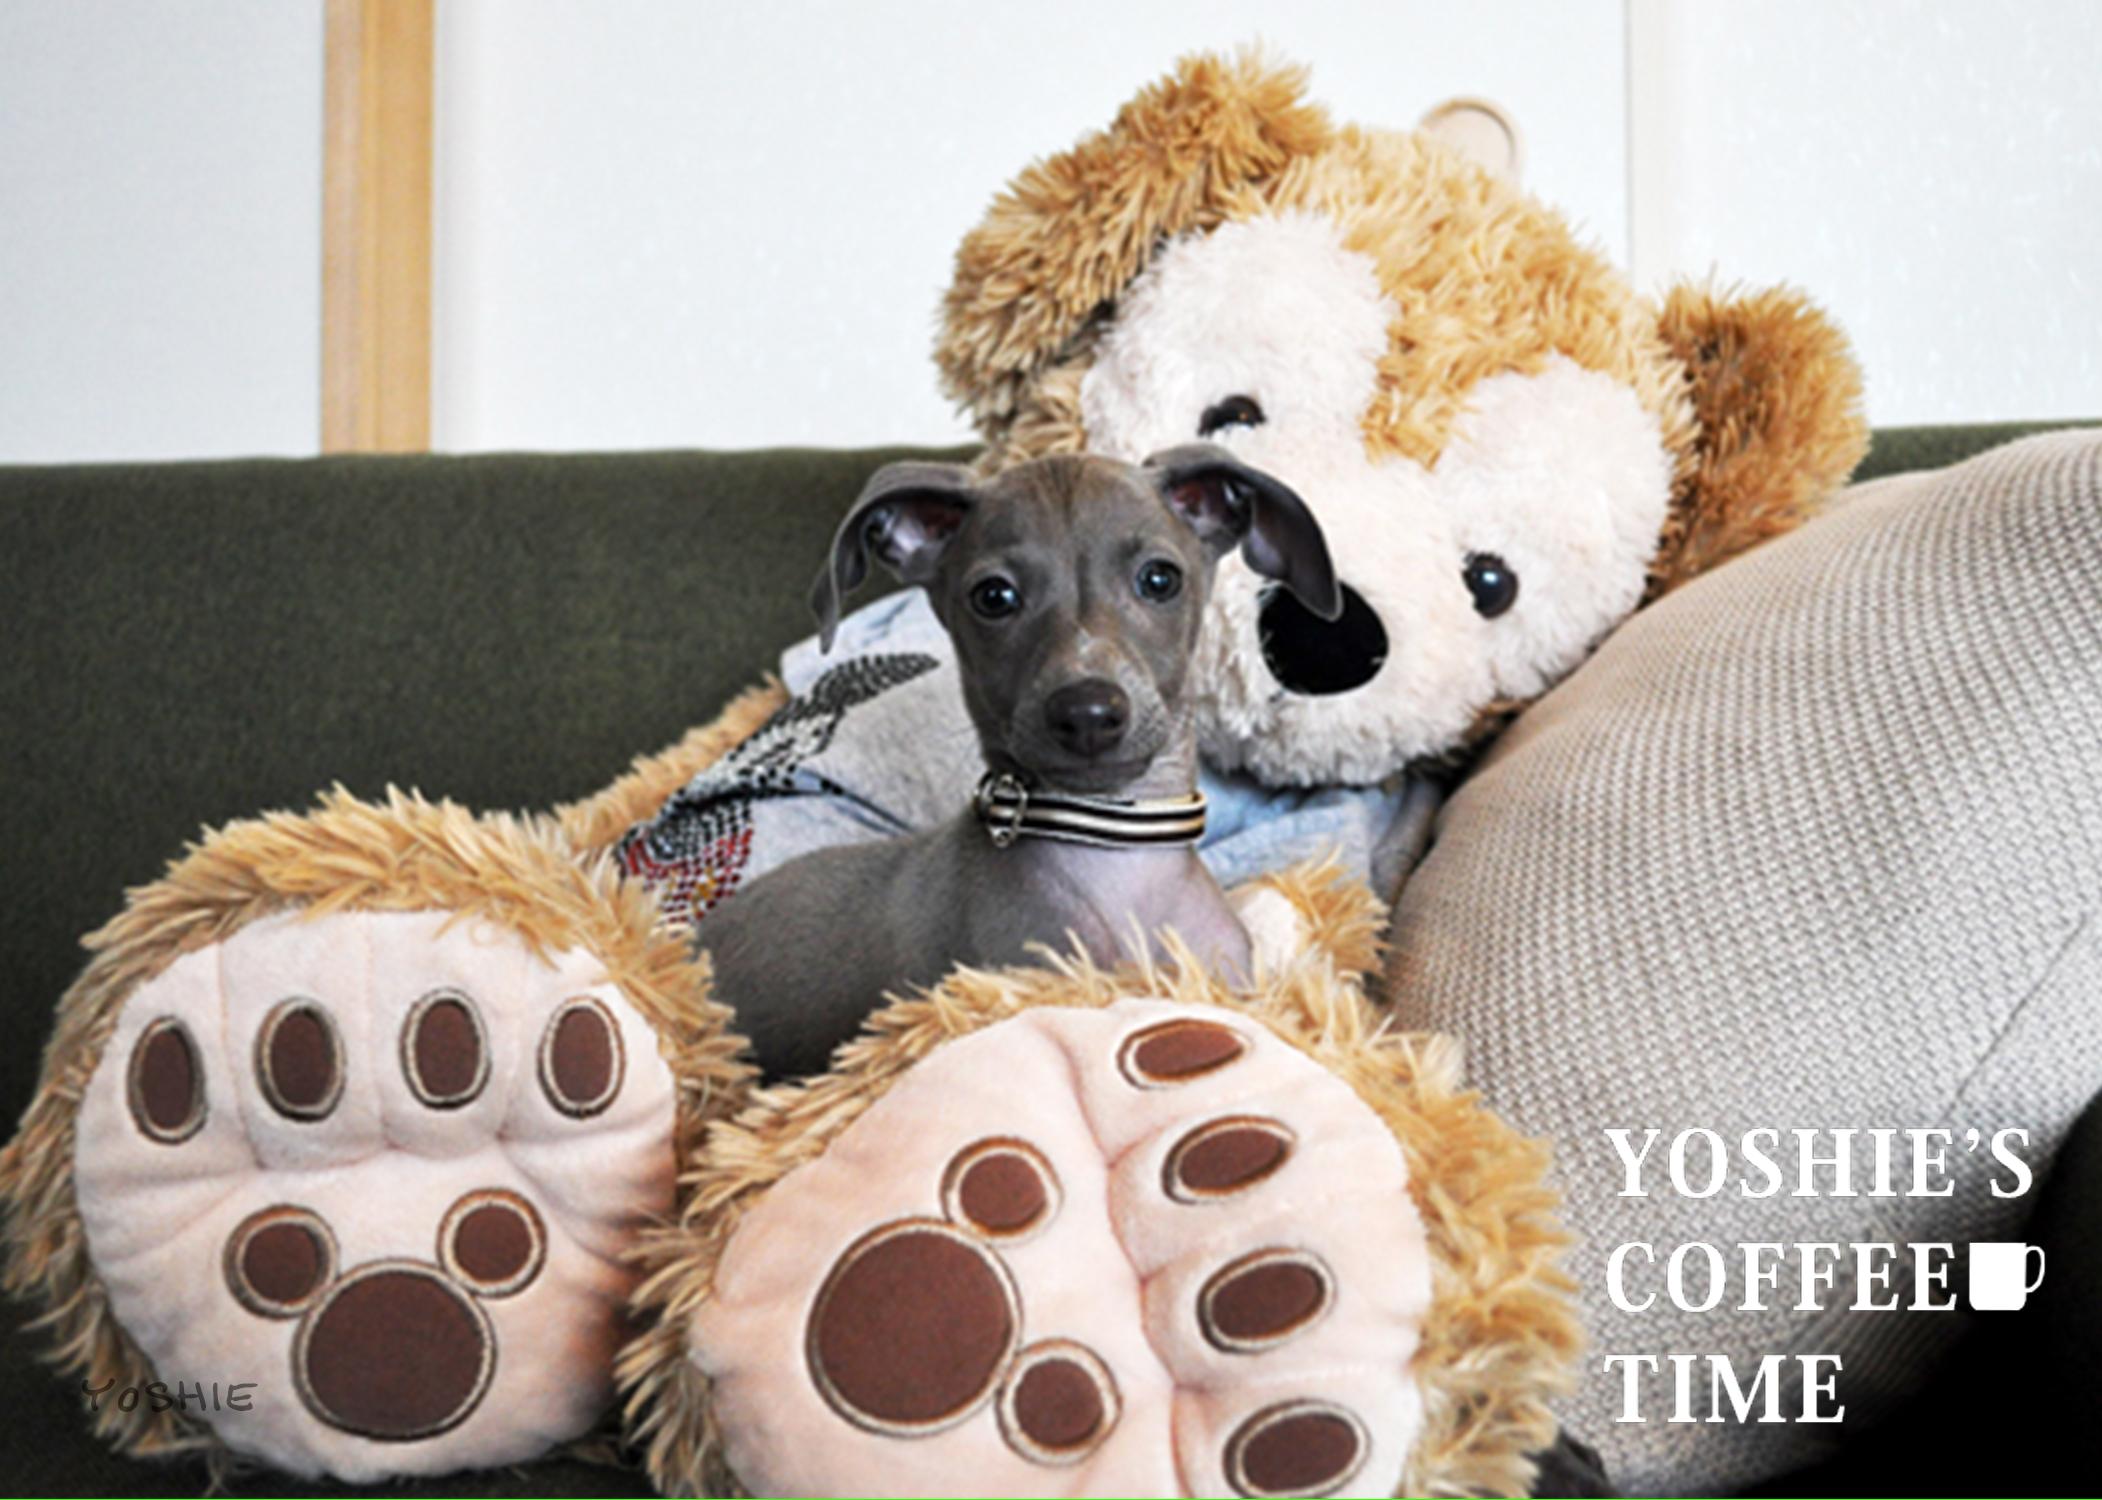 ボク(イタグレBuono!)とダッフィーは幼なじみ「生後2ヶ月頃の写真つき」-YOSHIE'S COFFEE TIME